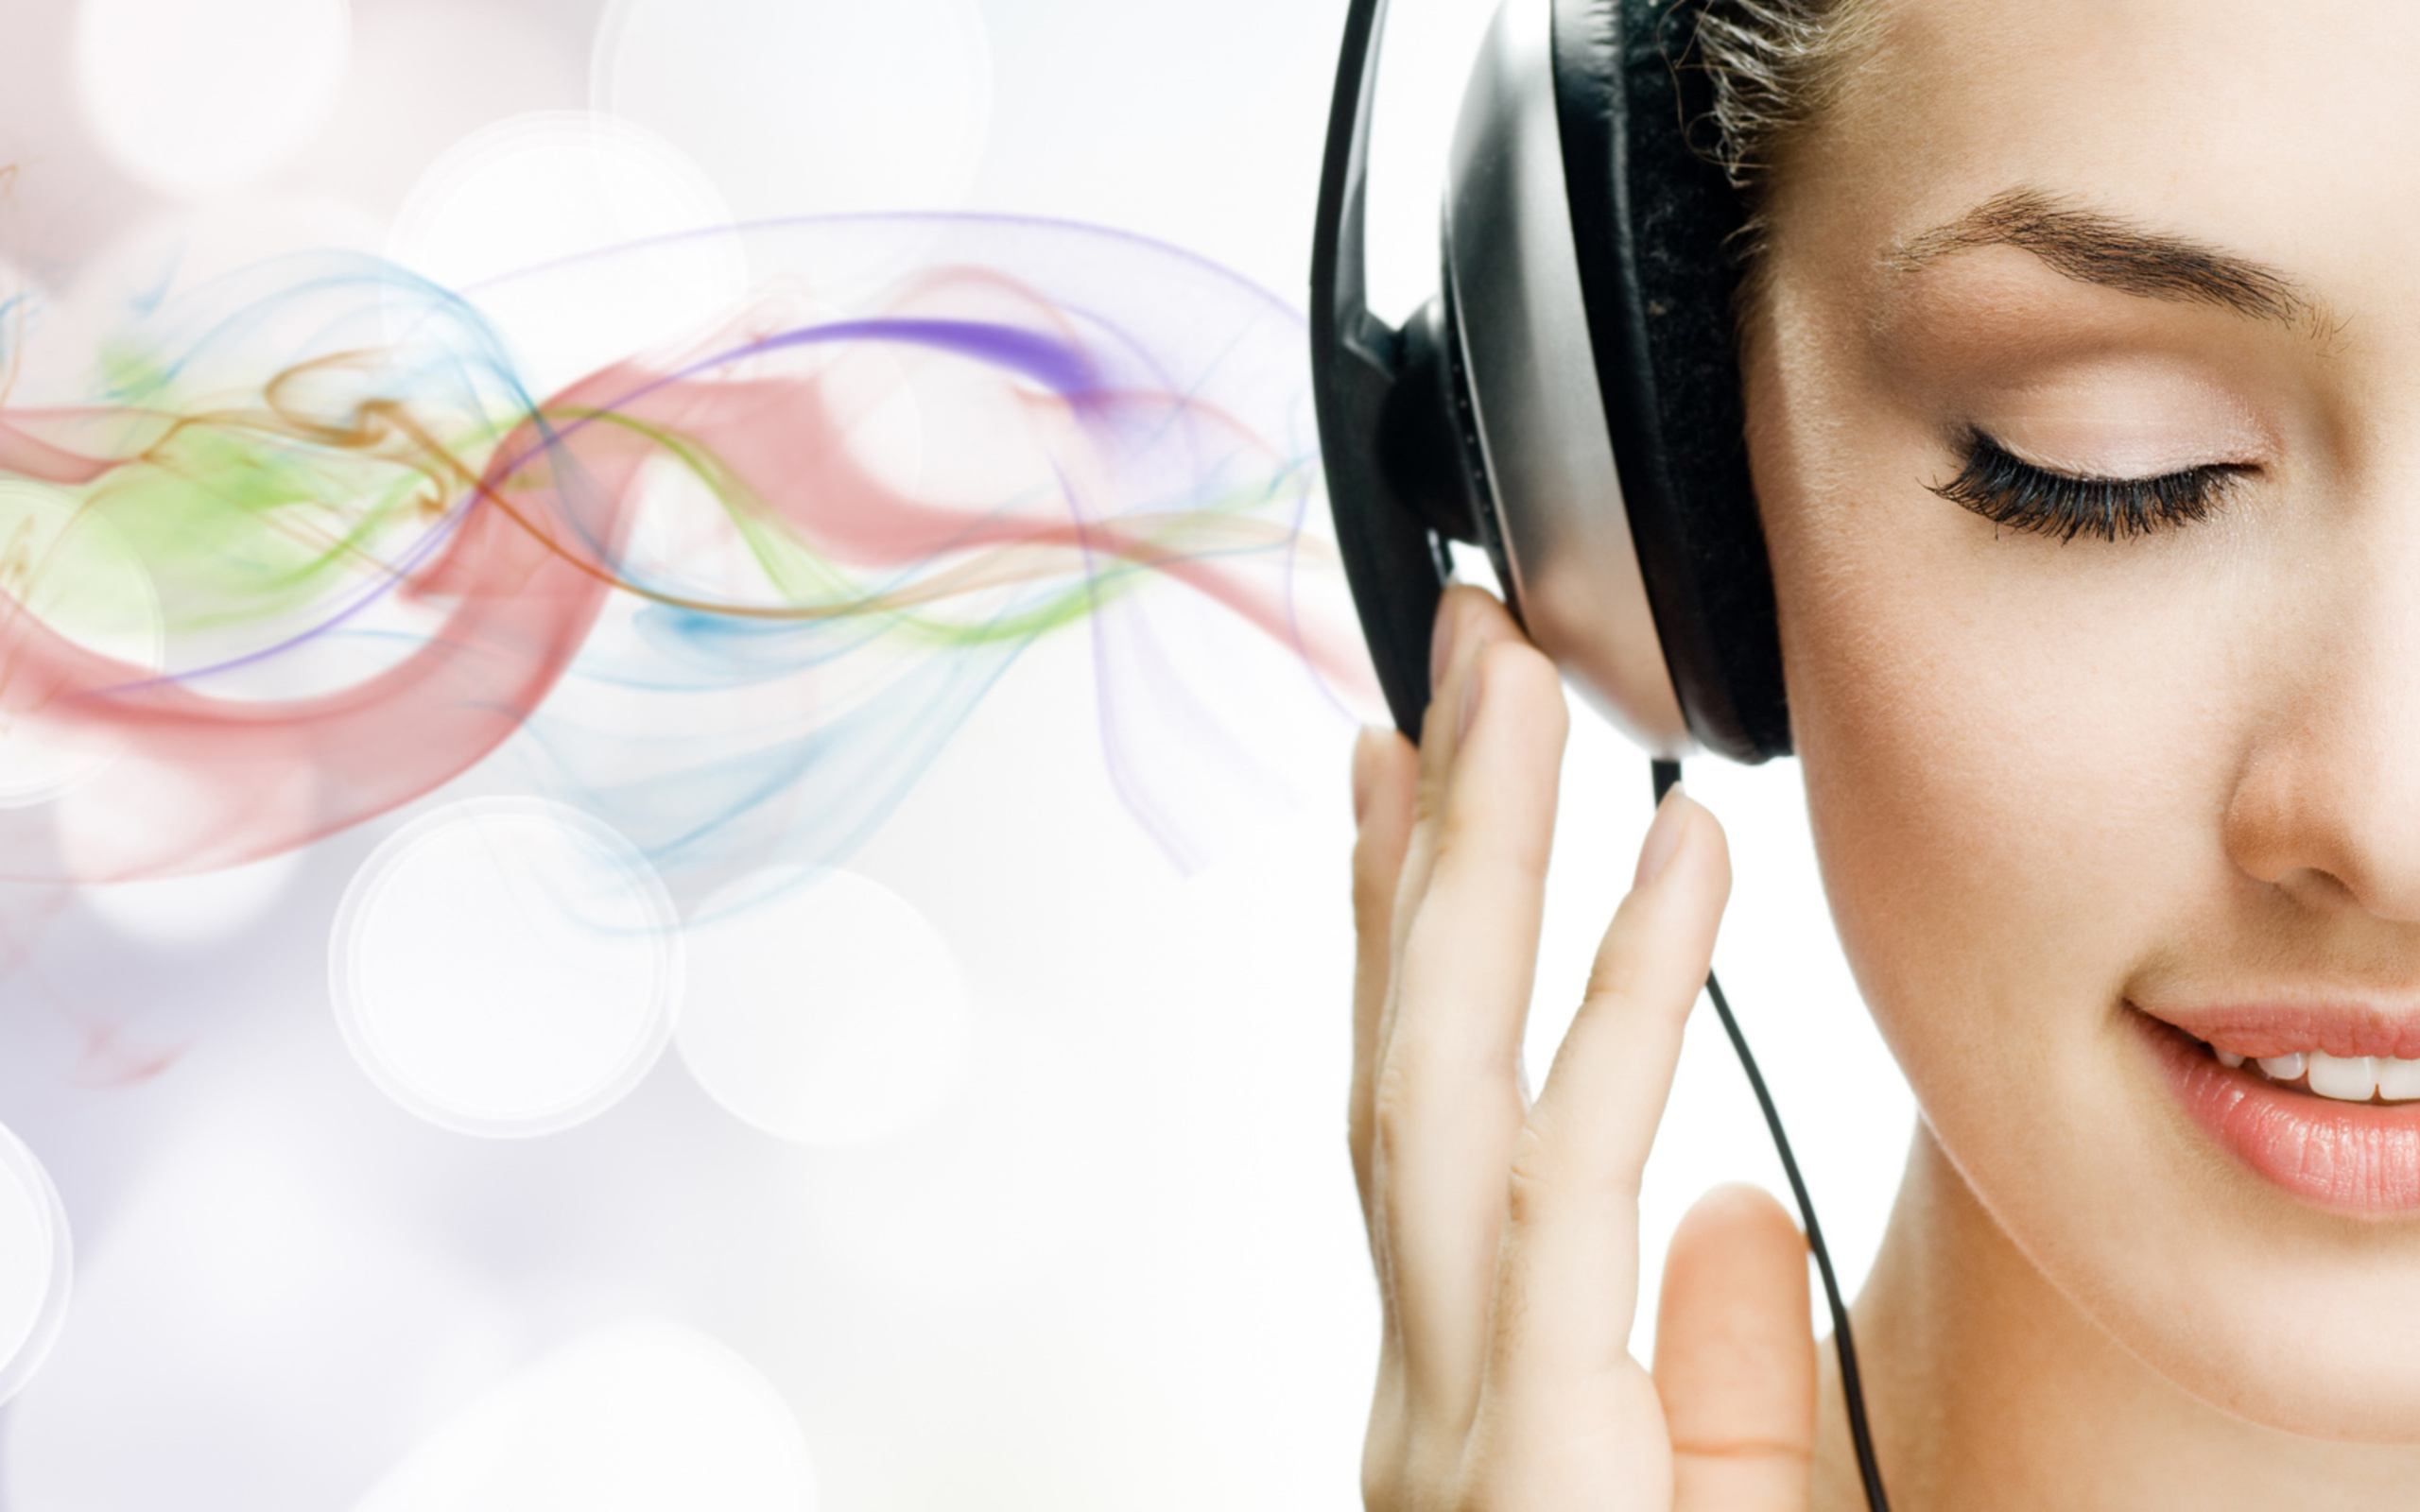 Выбираем наушники_советы для разных контекстов использования - слушаем музыку в наушниках